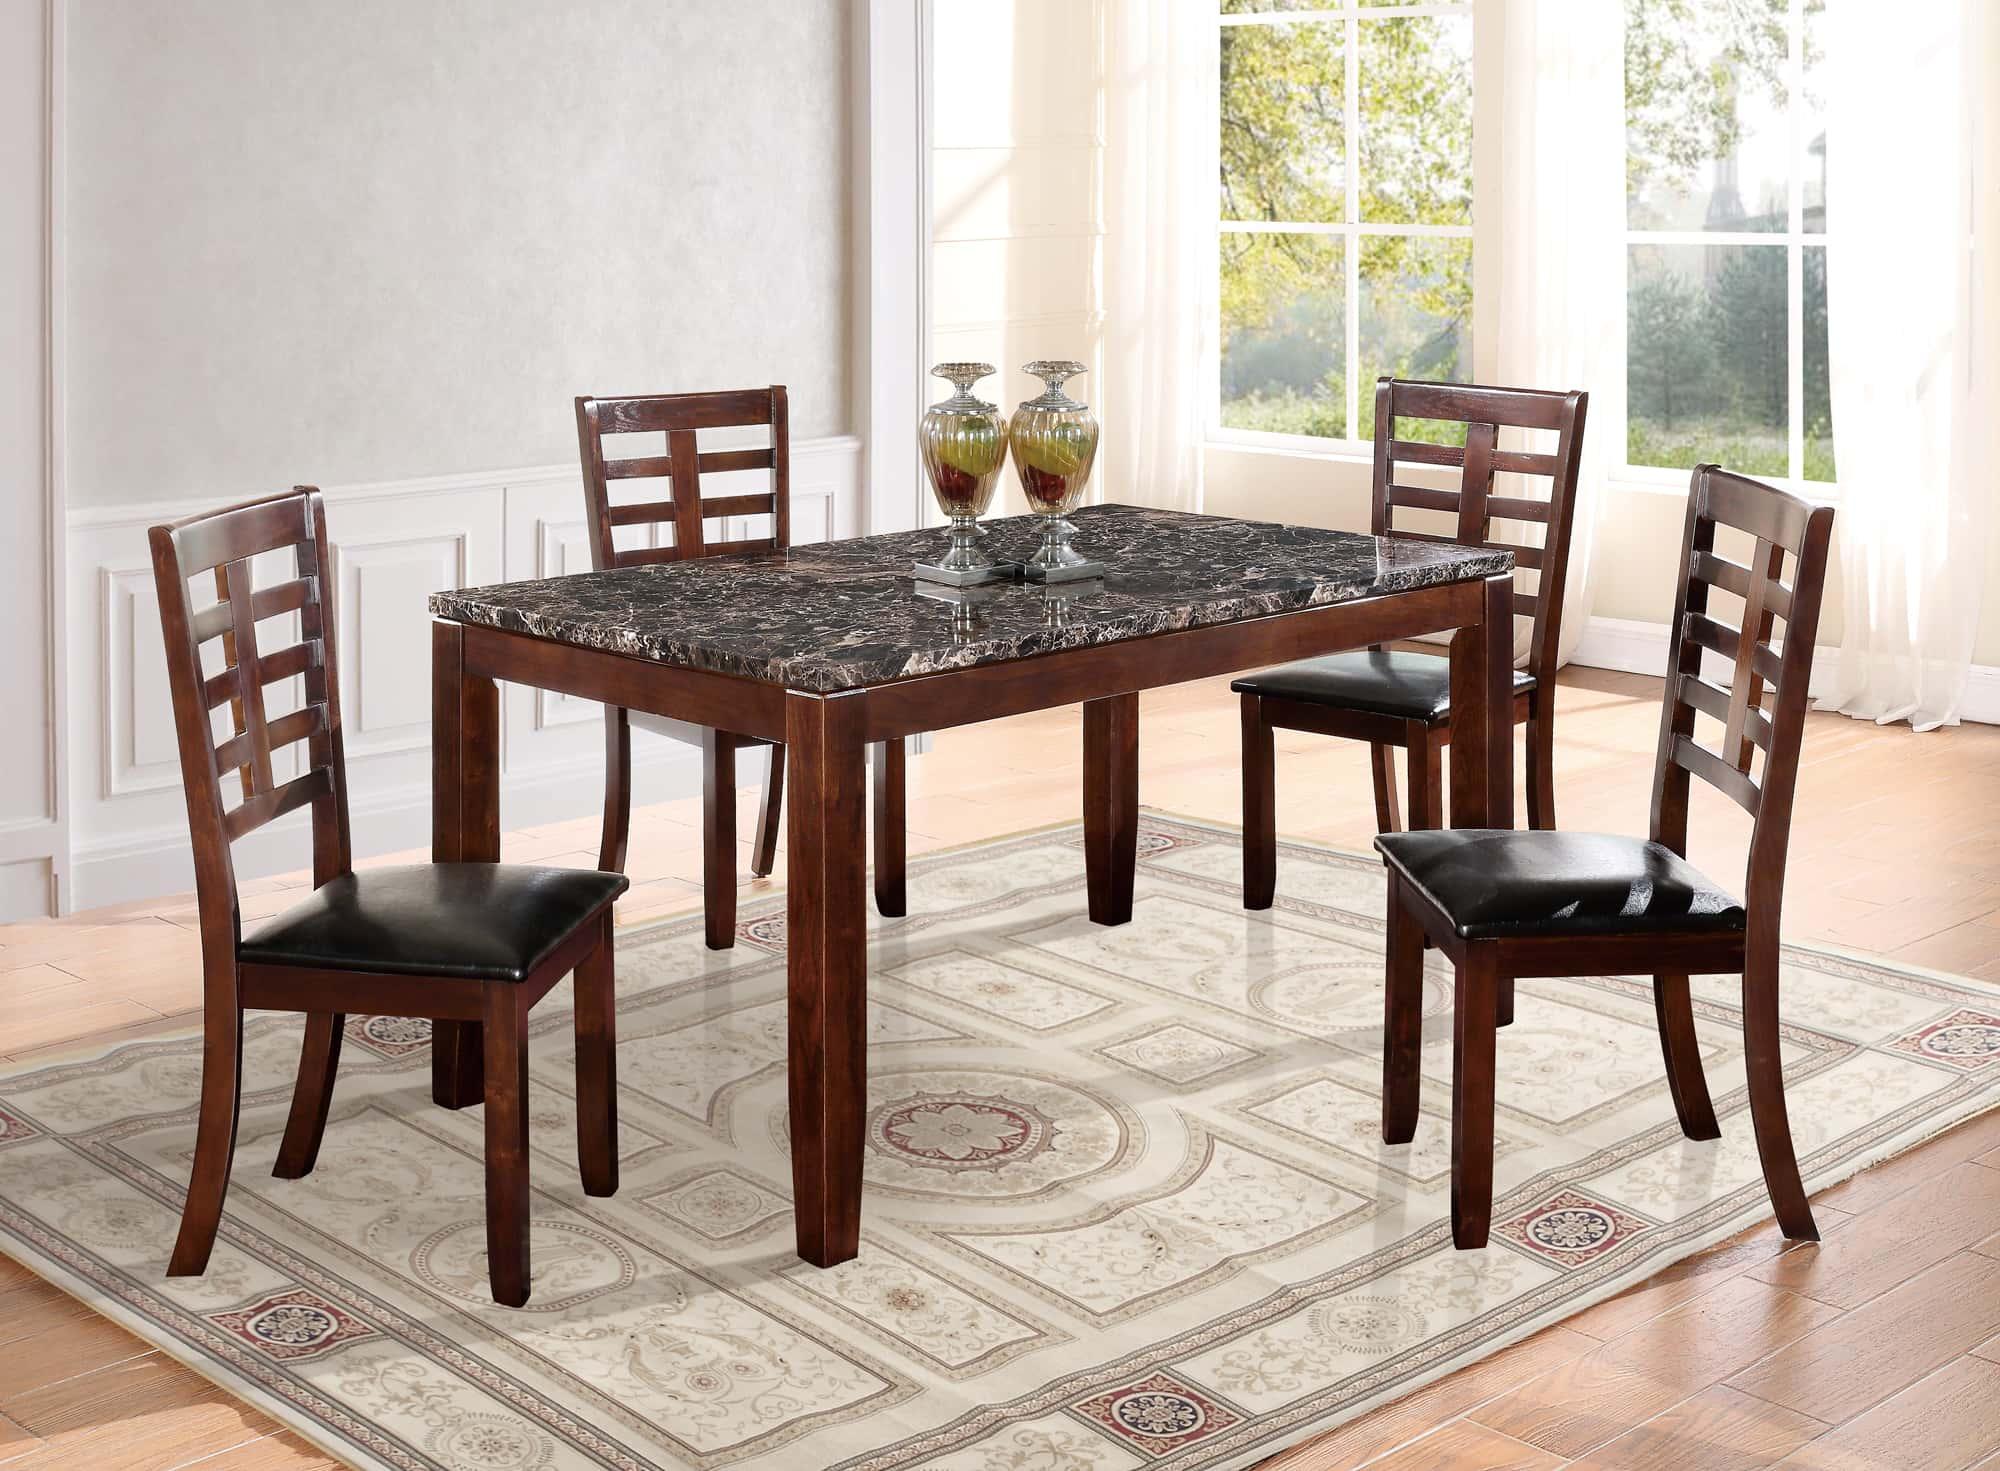 dining table d3743dt dark brown by global furniture. Black Bedroom Furniture Sets. Home Design Ideas